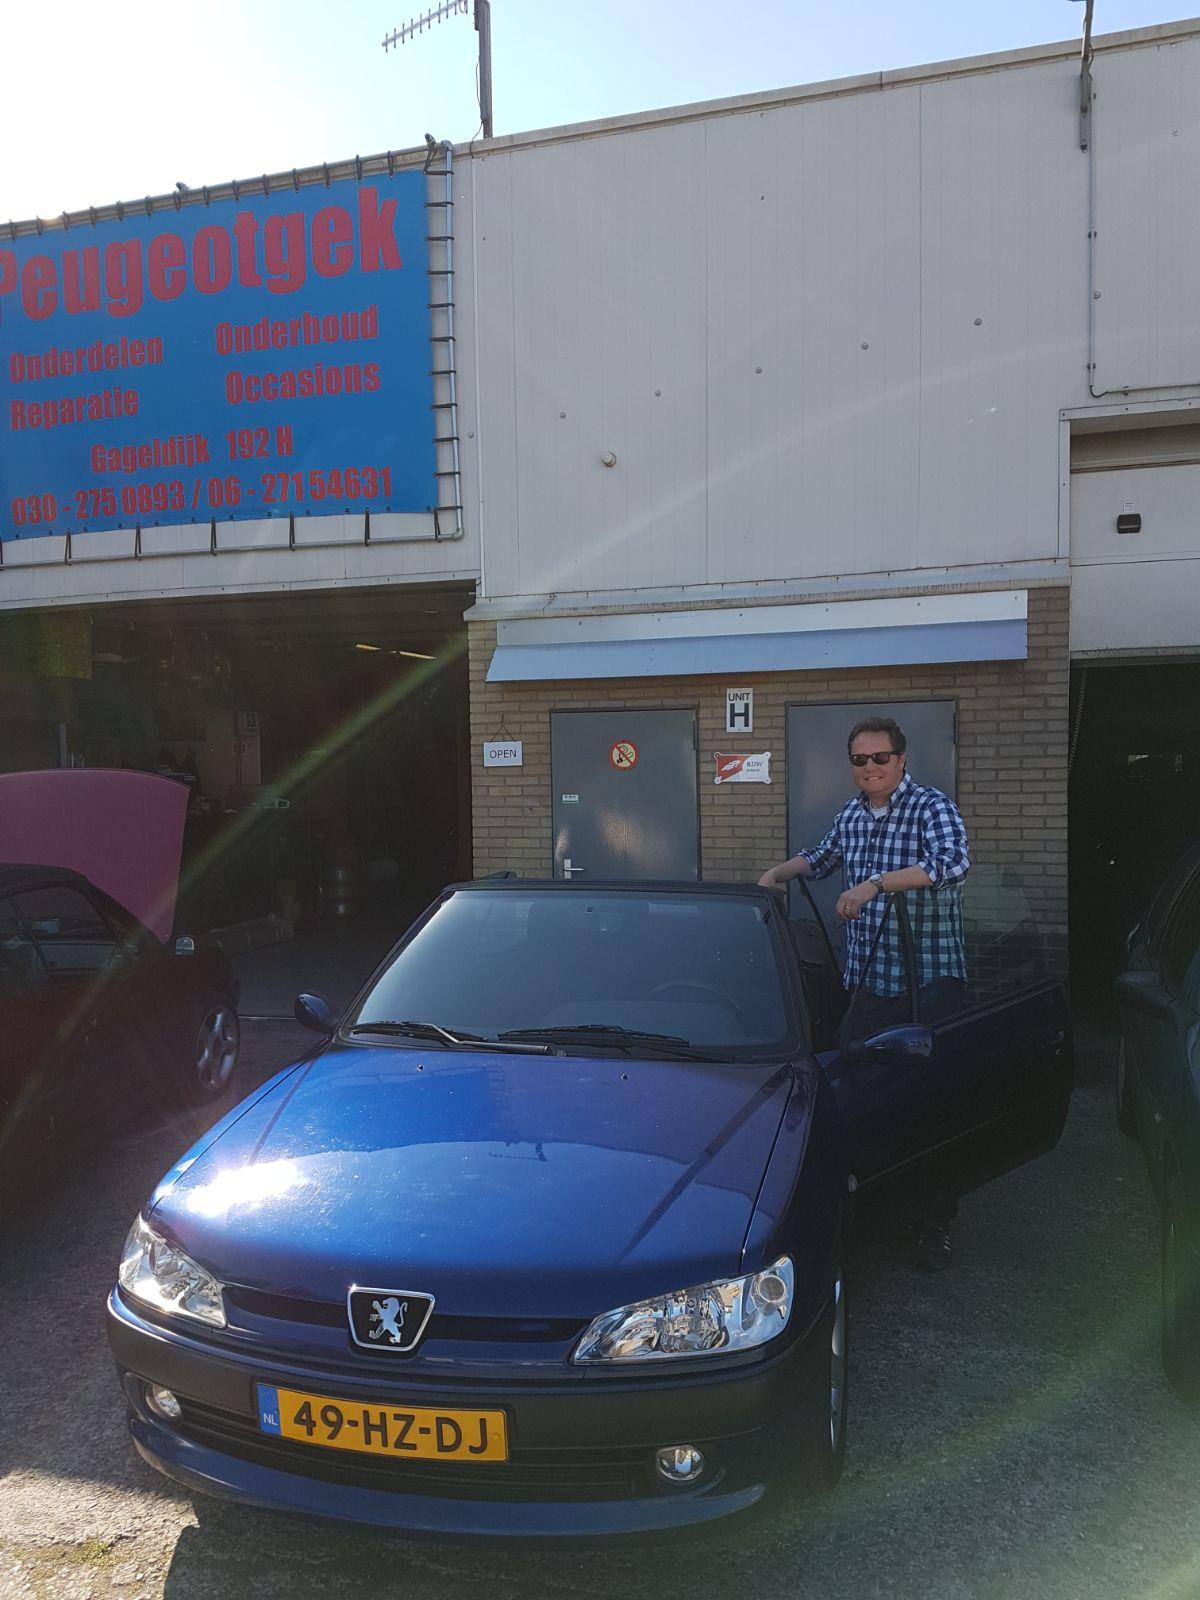 Peugeot 306 cabriolet verkocht